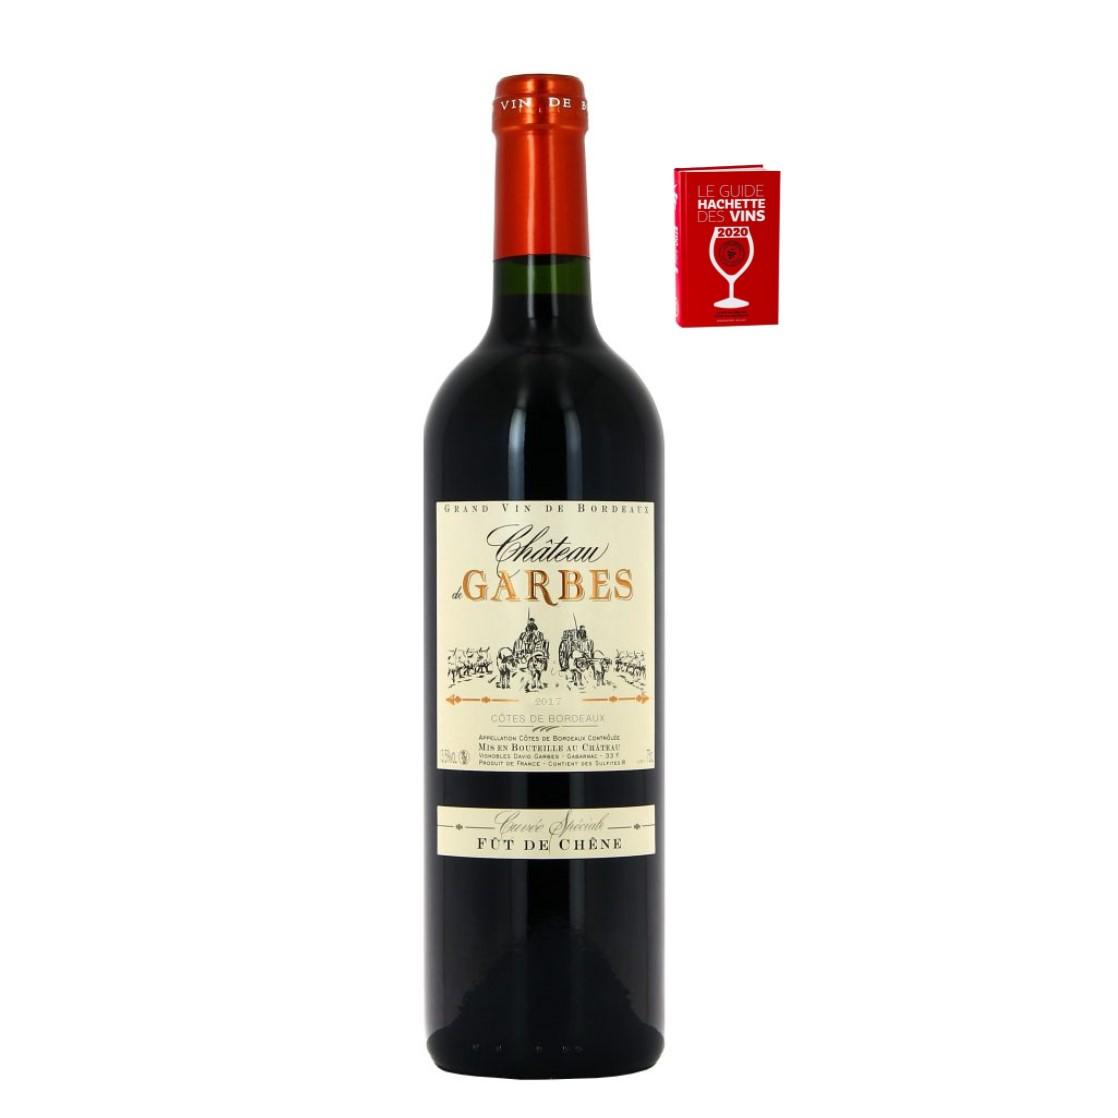 Château de Garbes AOP Cotes de Bordeaux Fut De Chene 2017